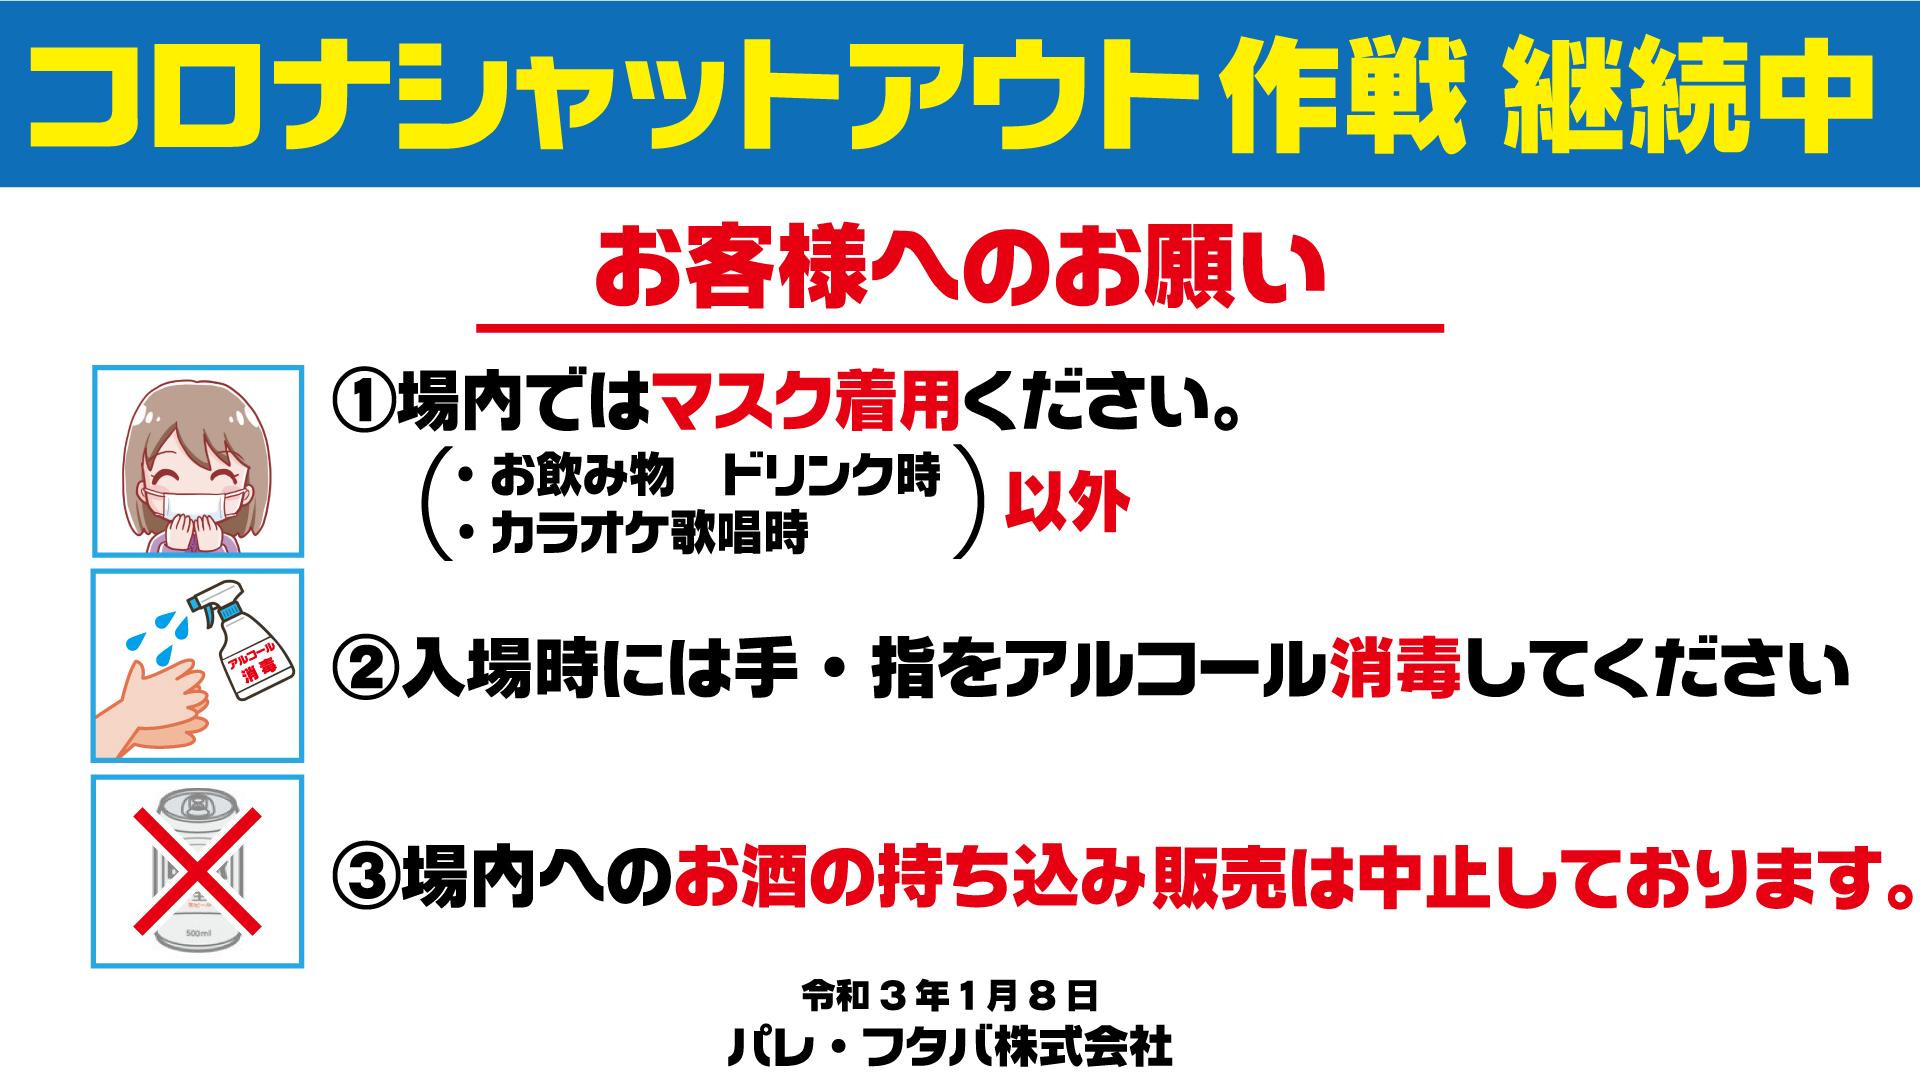 コロナシャットアウト6_濱岡_out